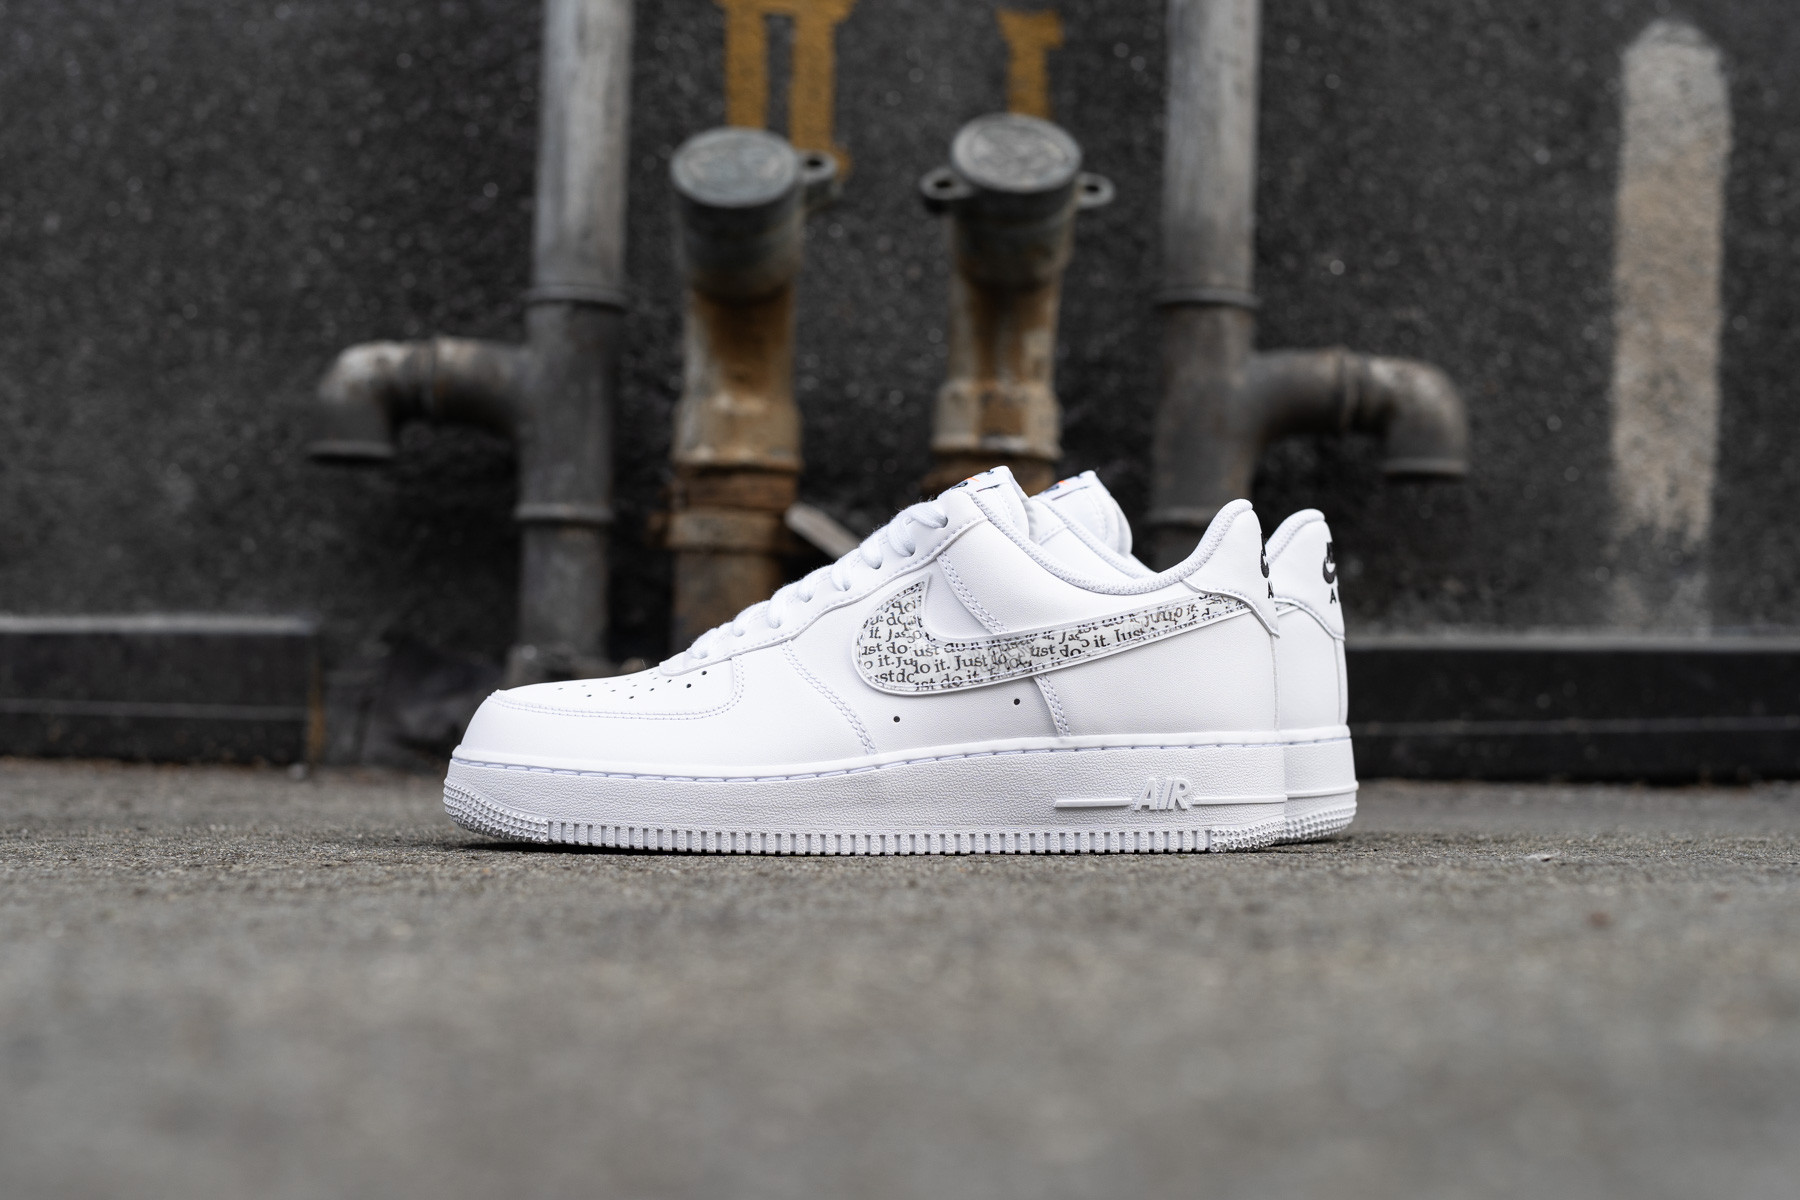 Nike Air Force 1 07 LV8 JDI